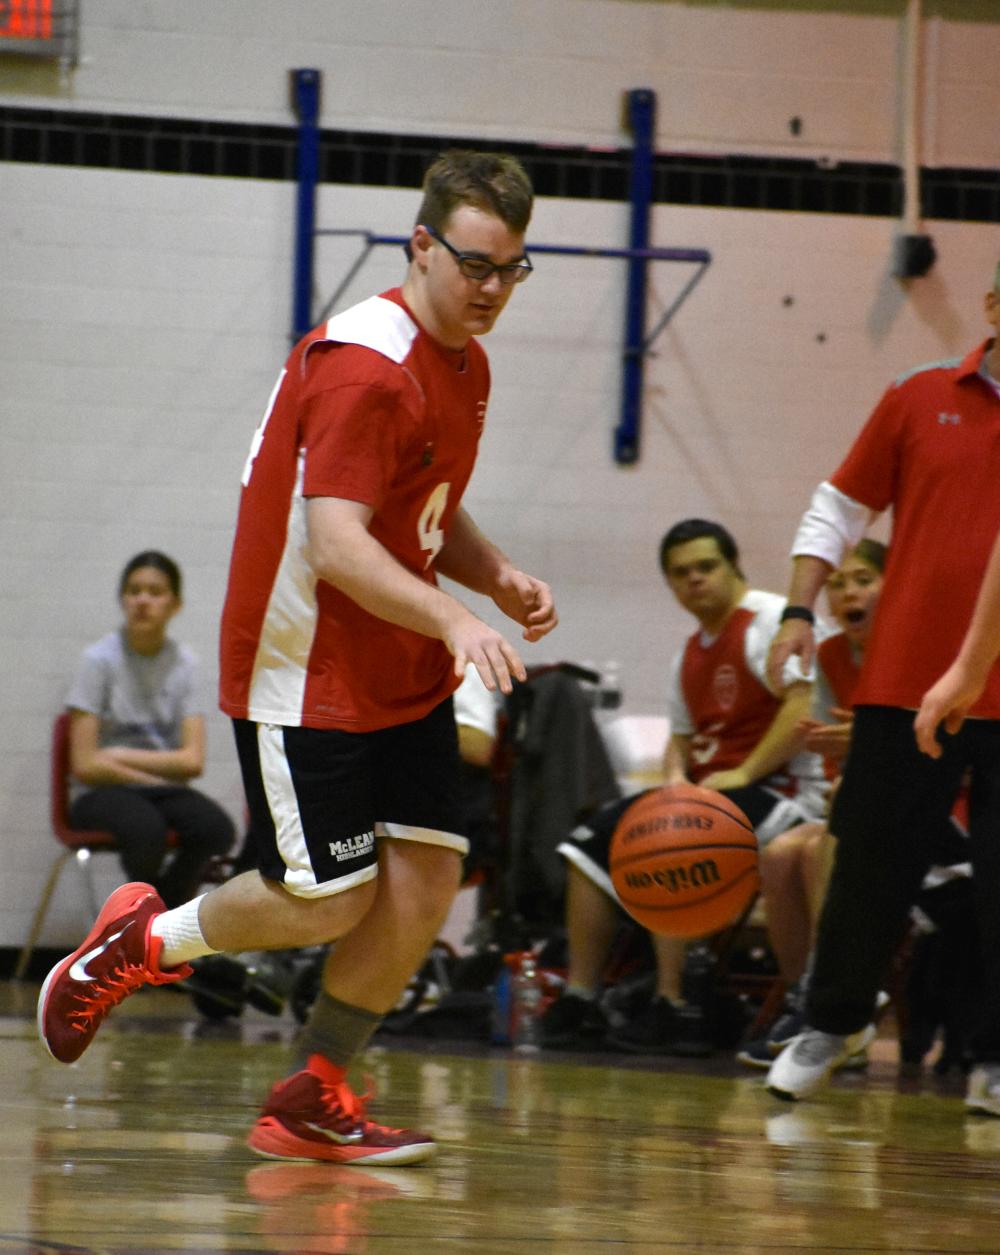 Ben+Baker+dribbles+the+ball+after+a+rebound.+%28photo+by+Maren+Kranking%29